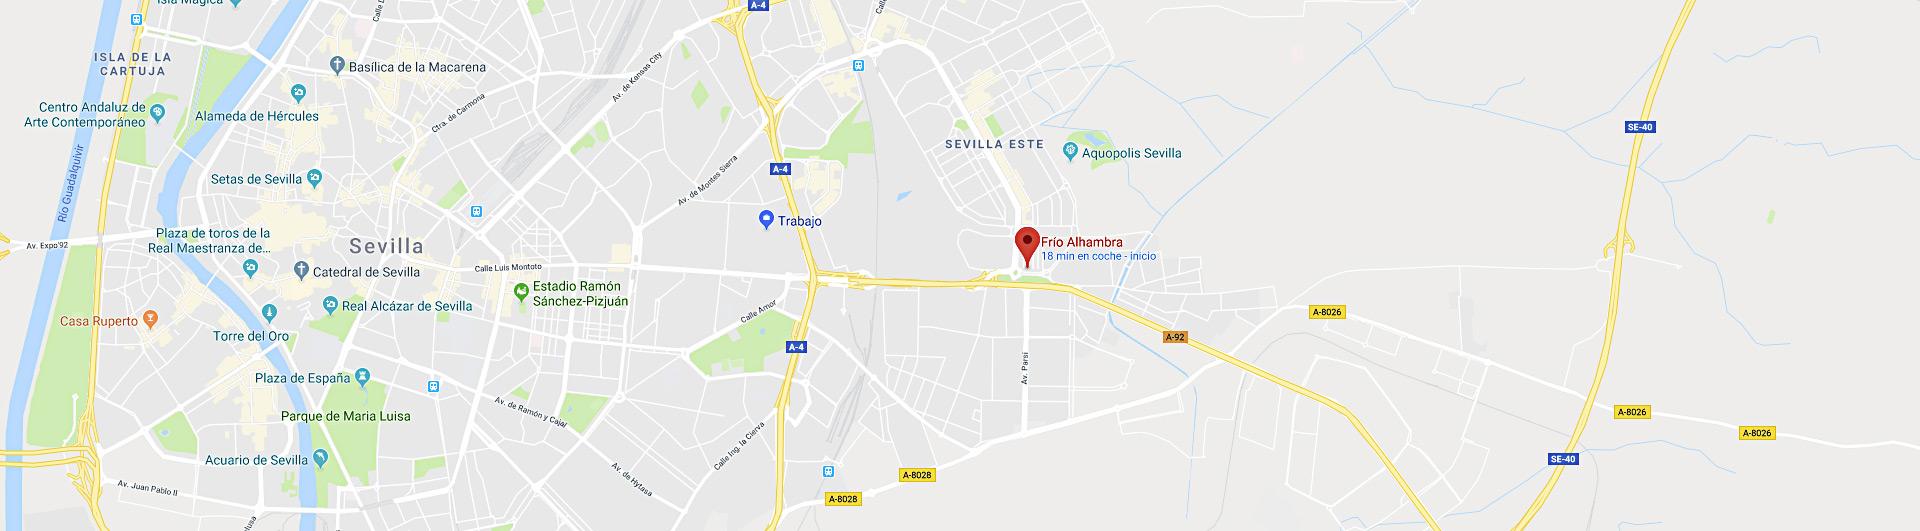 Mapa-Contactenos